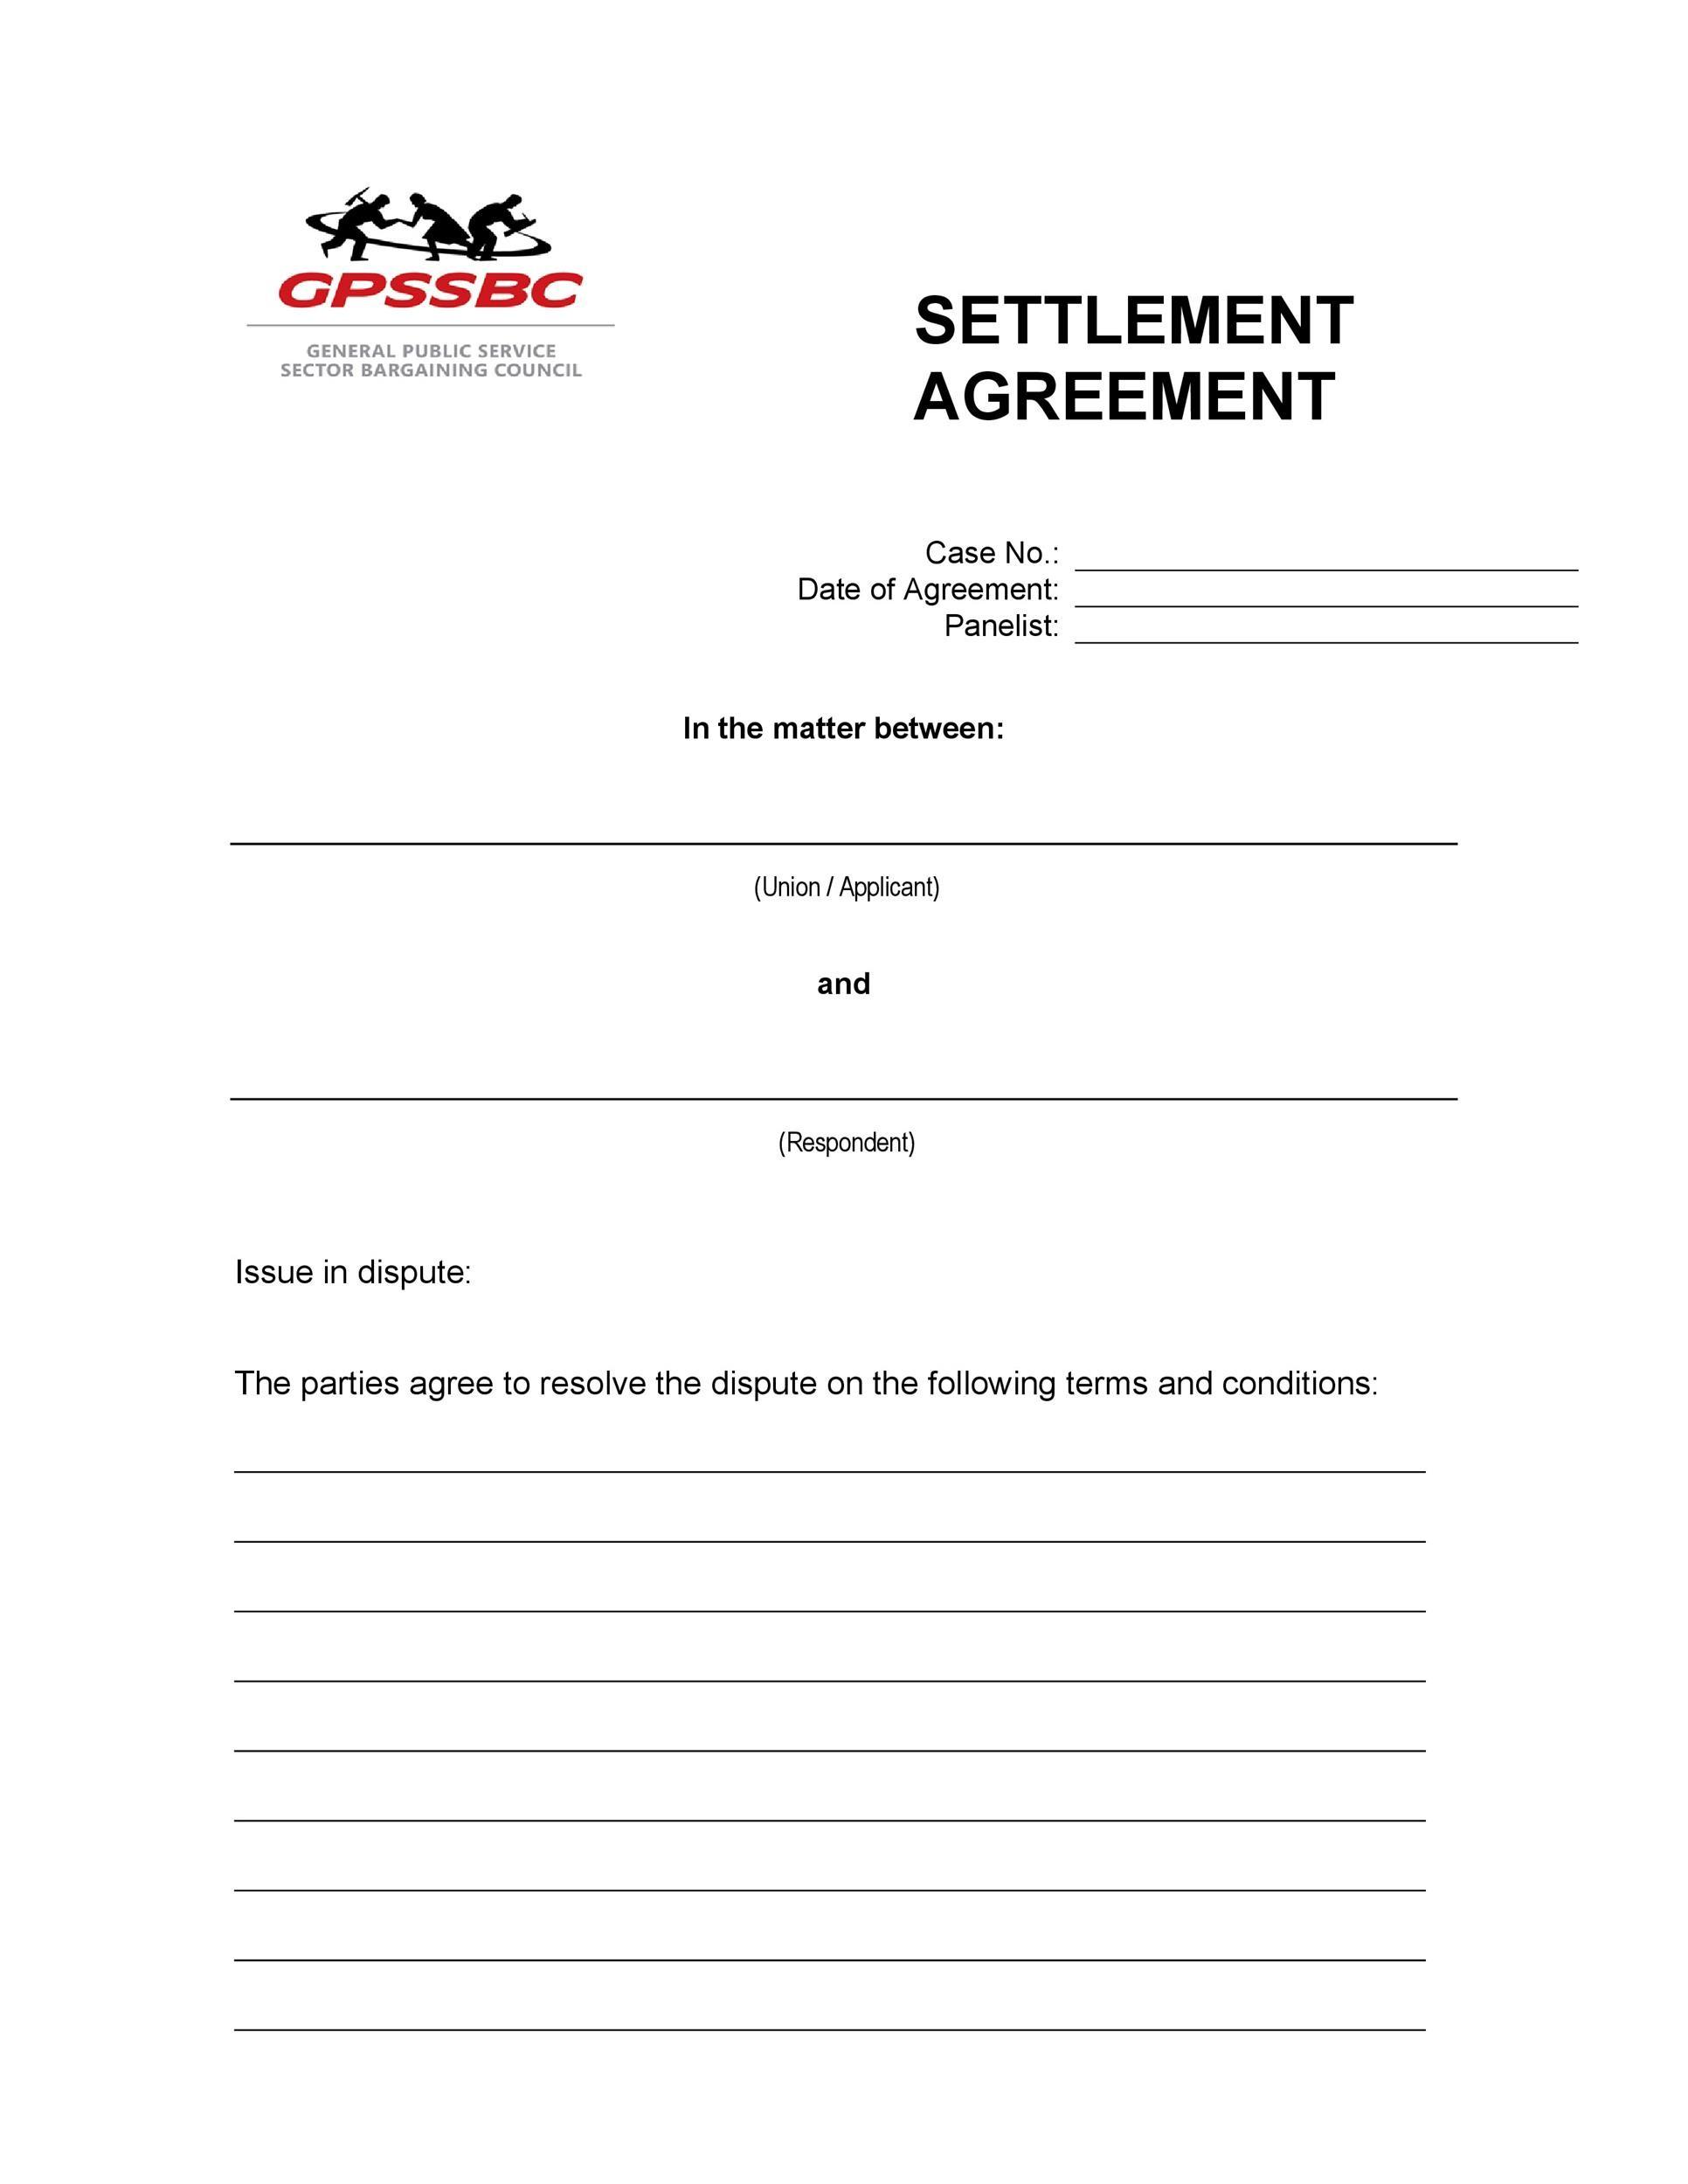 Free settlement agreement 42